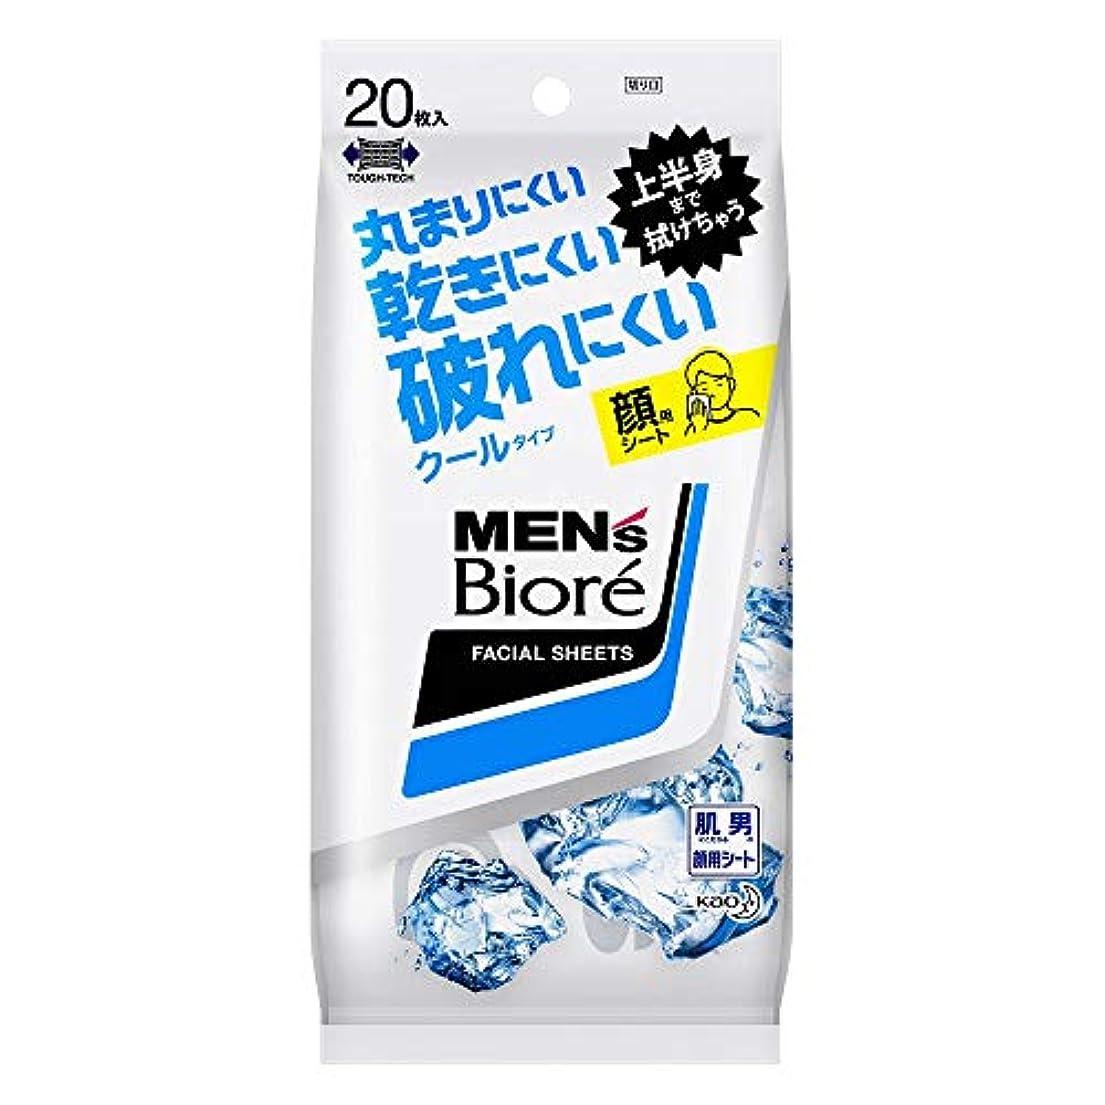 手順削減一貫性のない花王 メンズビオレ 洗顔シート クール 携帯用 20枚